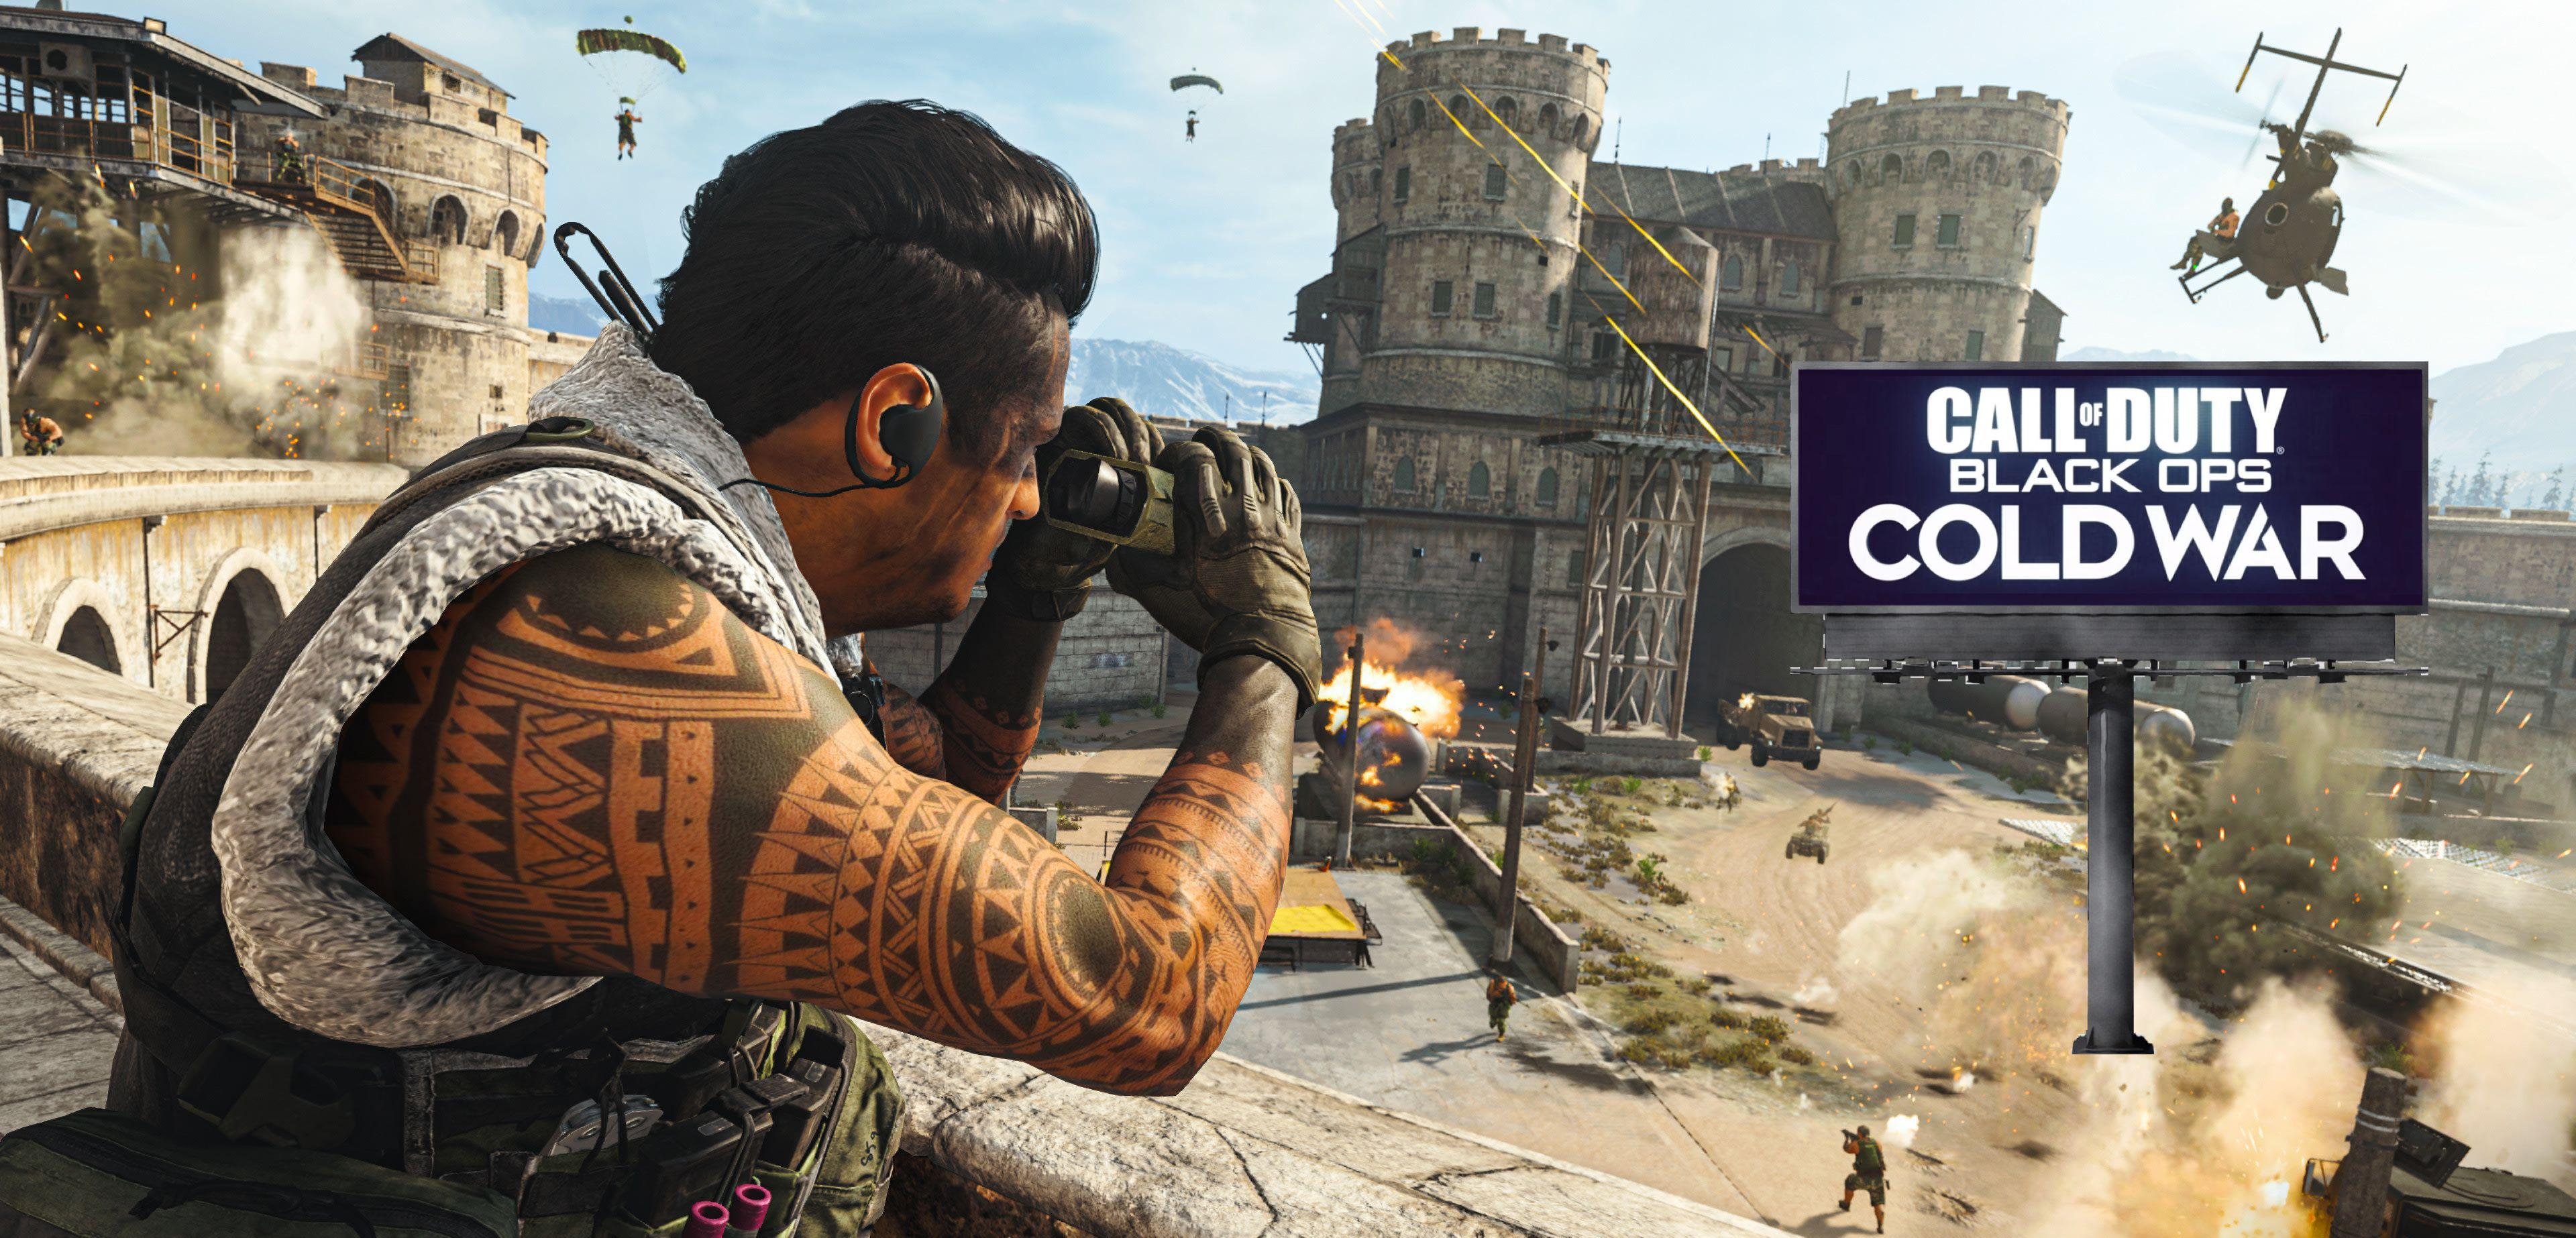 Call of Duty: Black Ops - многопользовательский режим холодной войны транслировался случайно